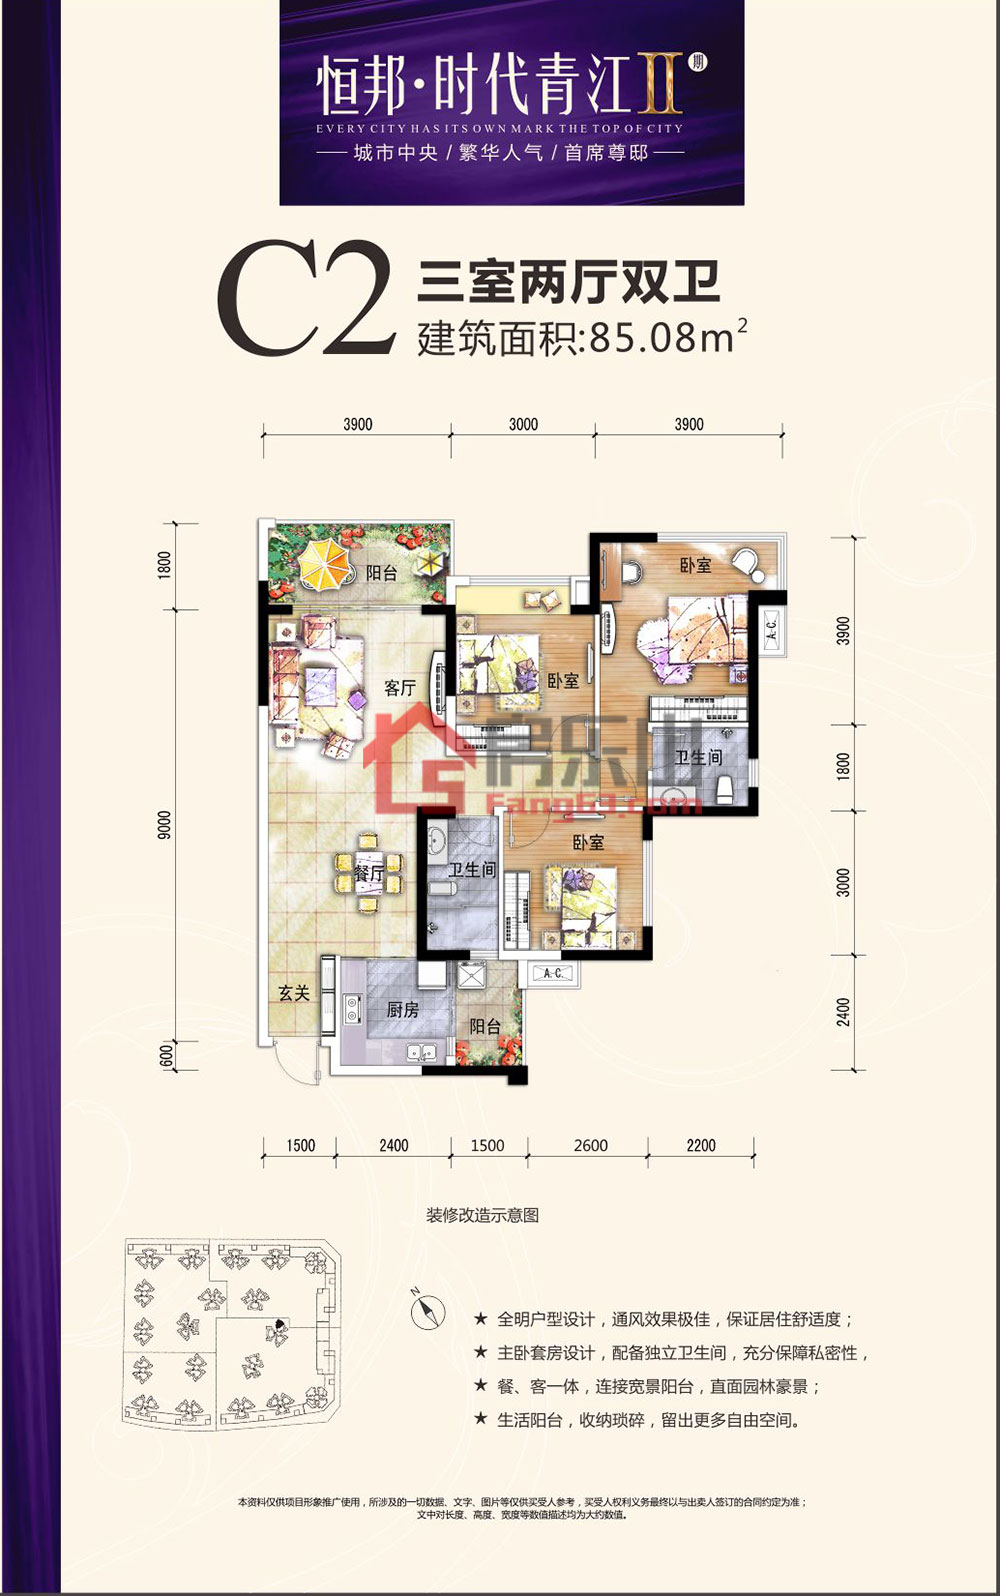 时代青江C2